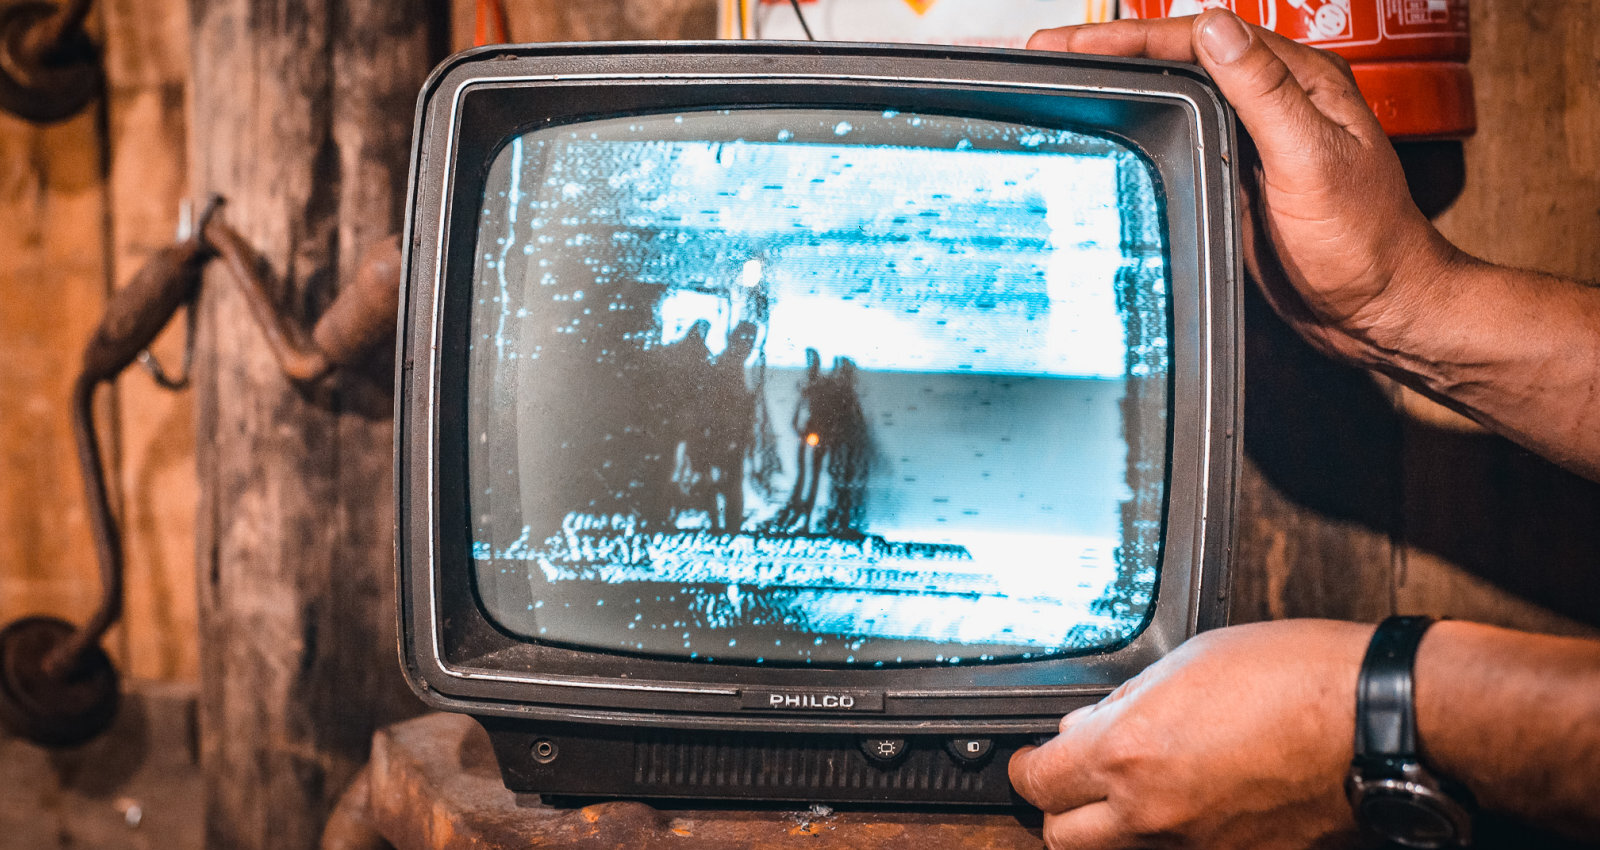 Vairāki telekomunikāciju uzņēmumi TV arhīvos ievieš pārtinamās reklāmas ierobežojumu